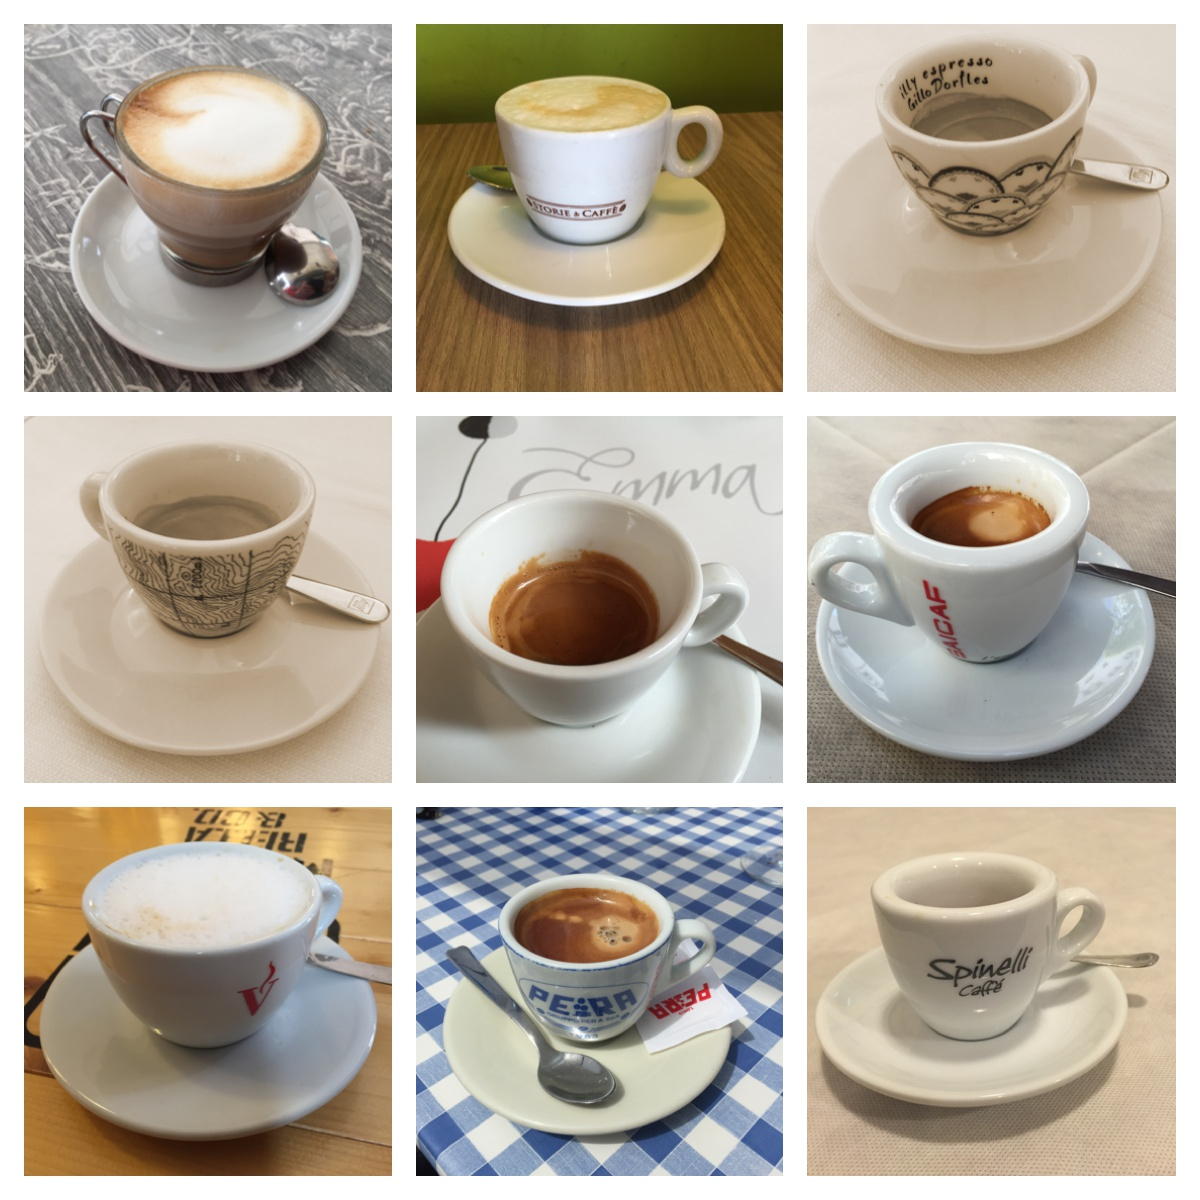 Koffie in Italië - van caffè tot latte macchiato